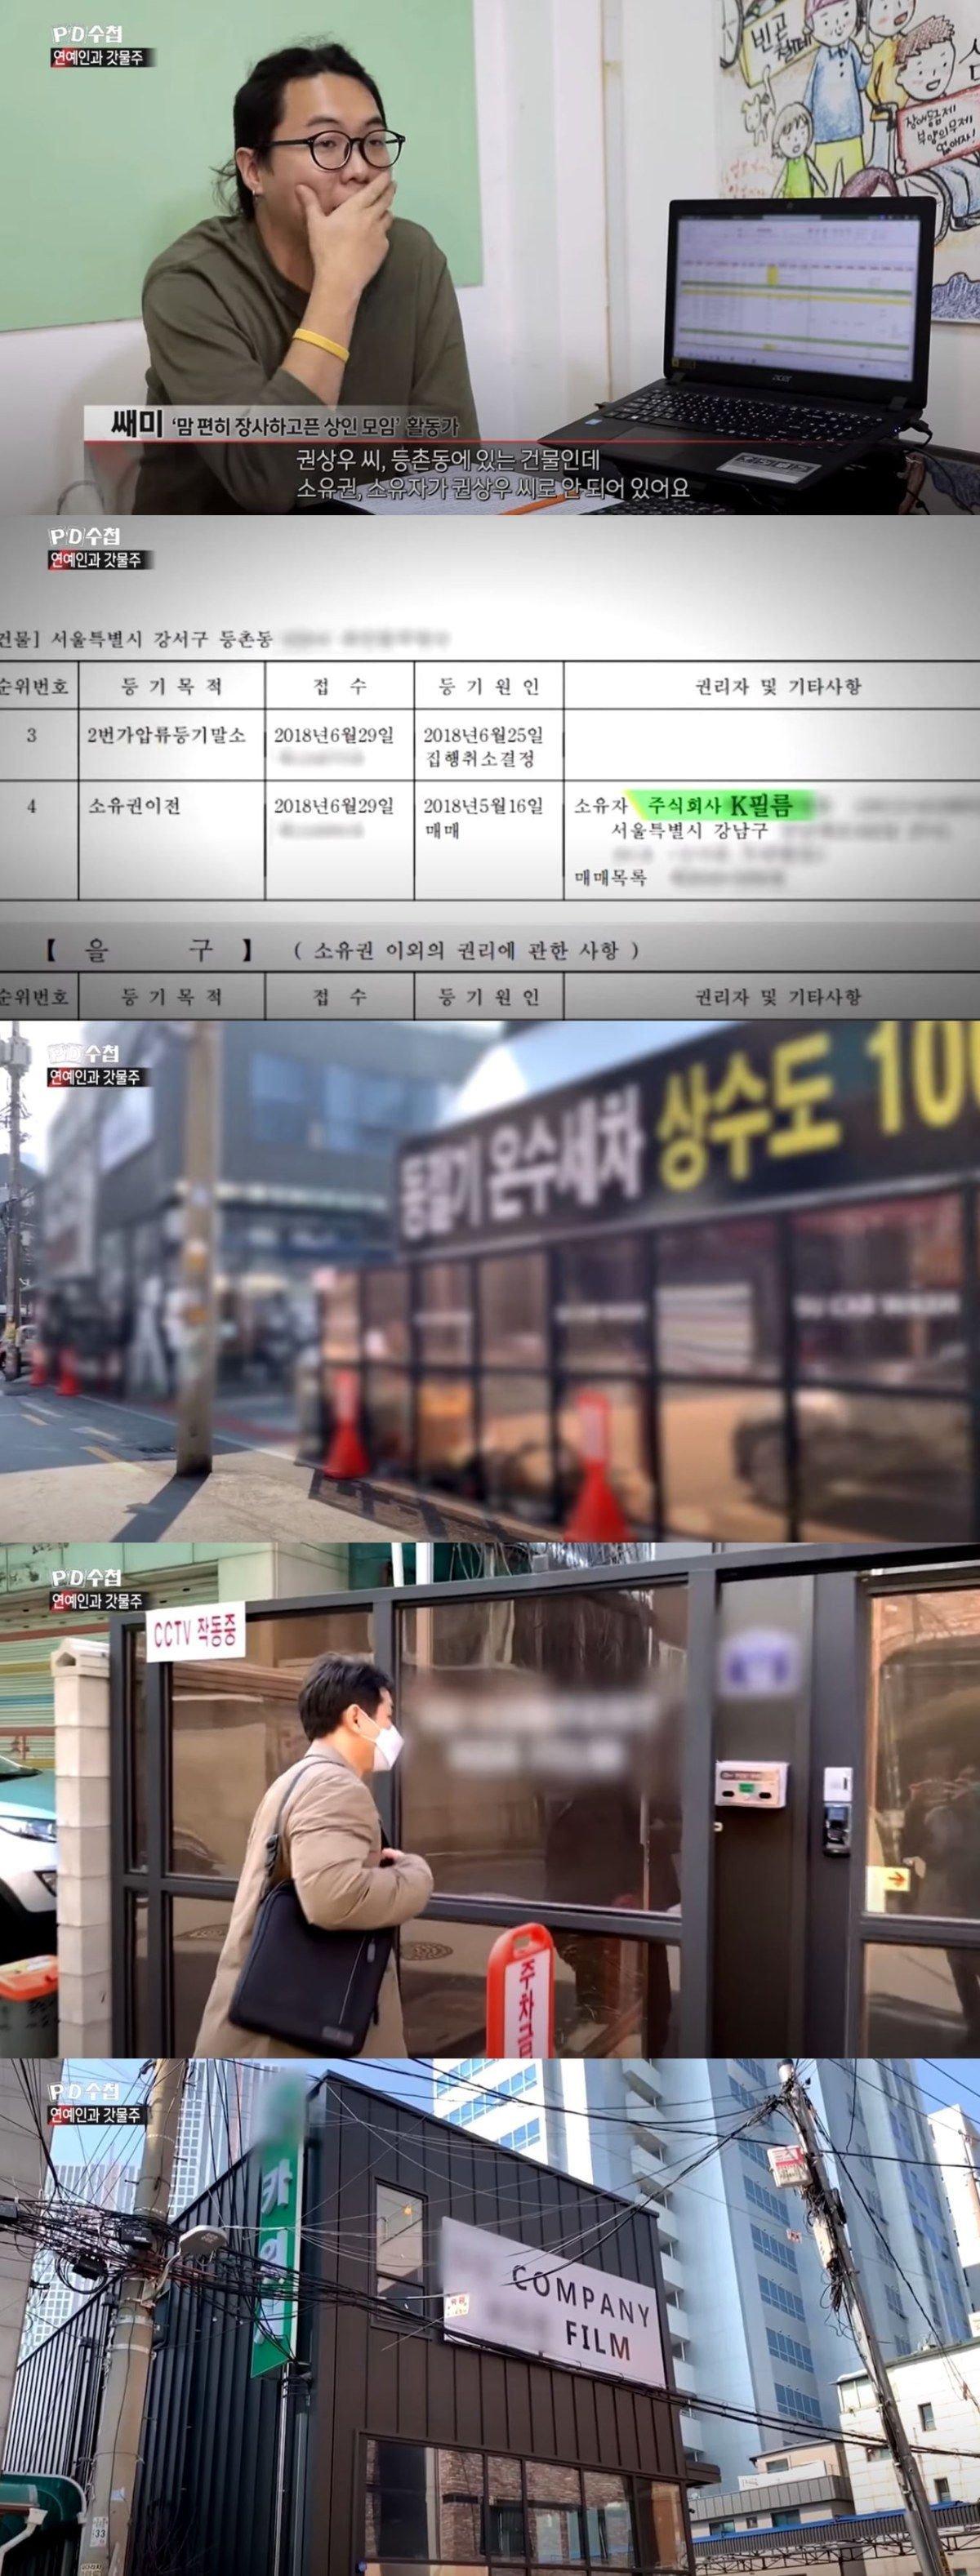 피디수첩에서 보도한 부동산 투기 연예인들.jpg (스압)   인스티즈